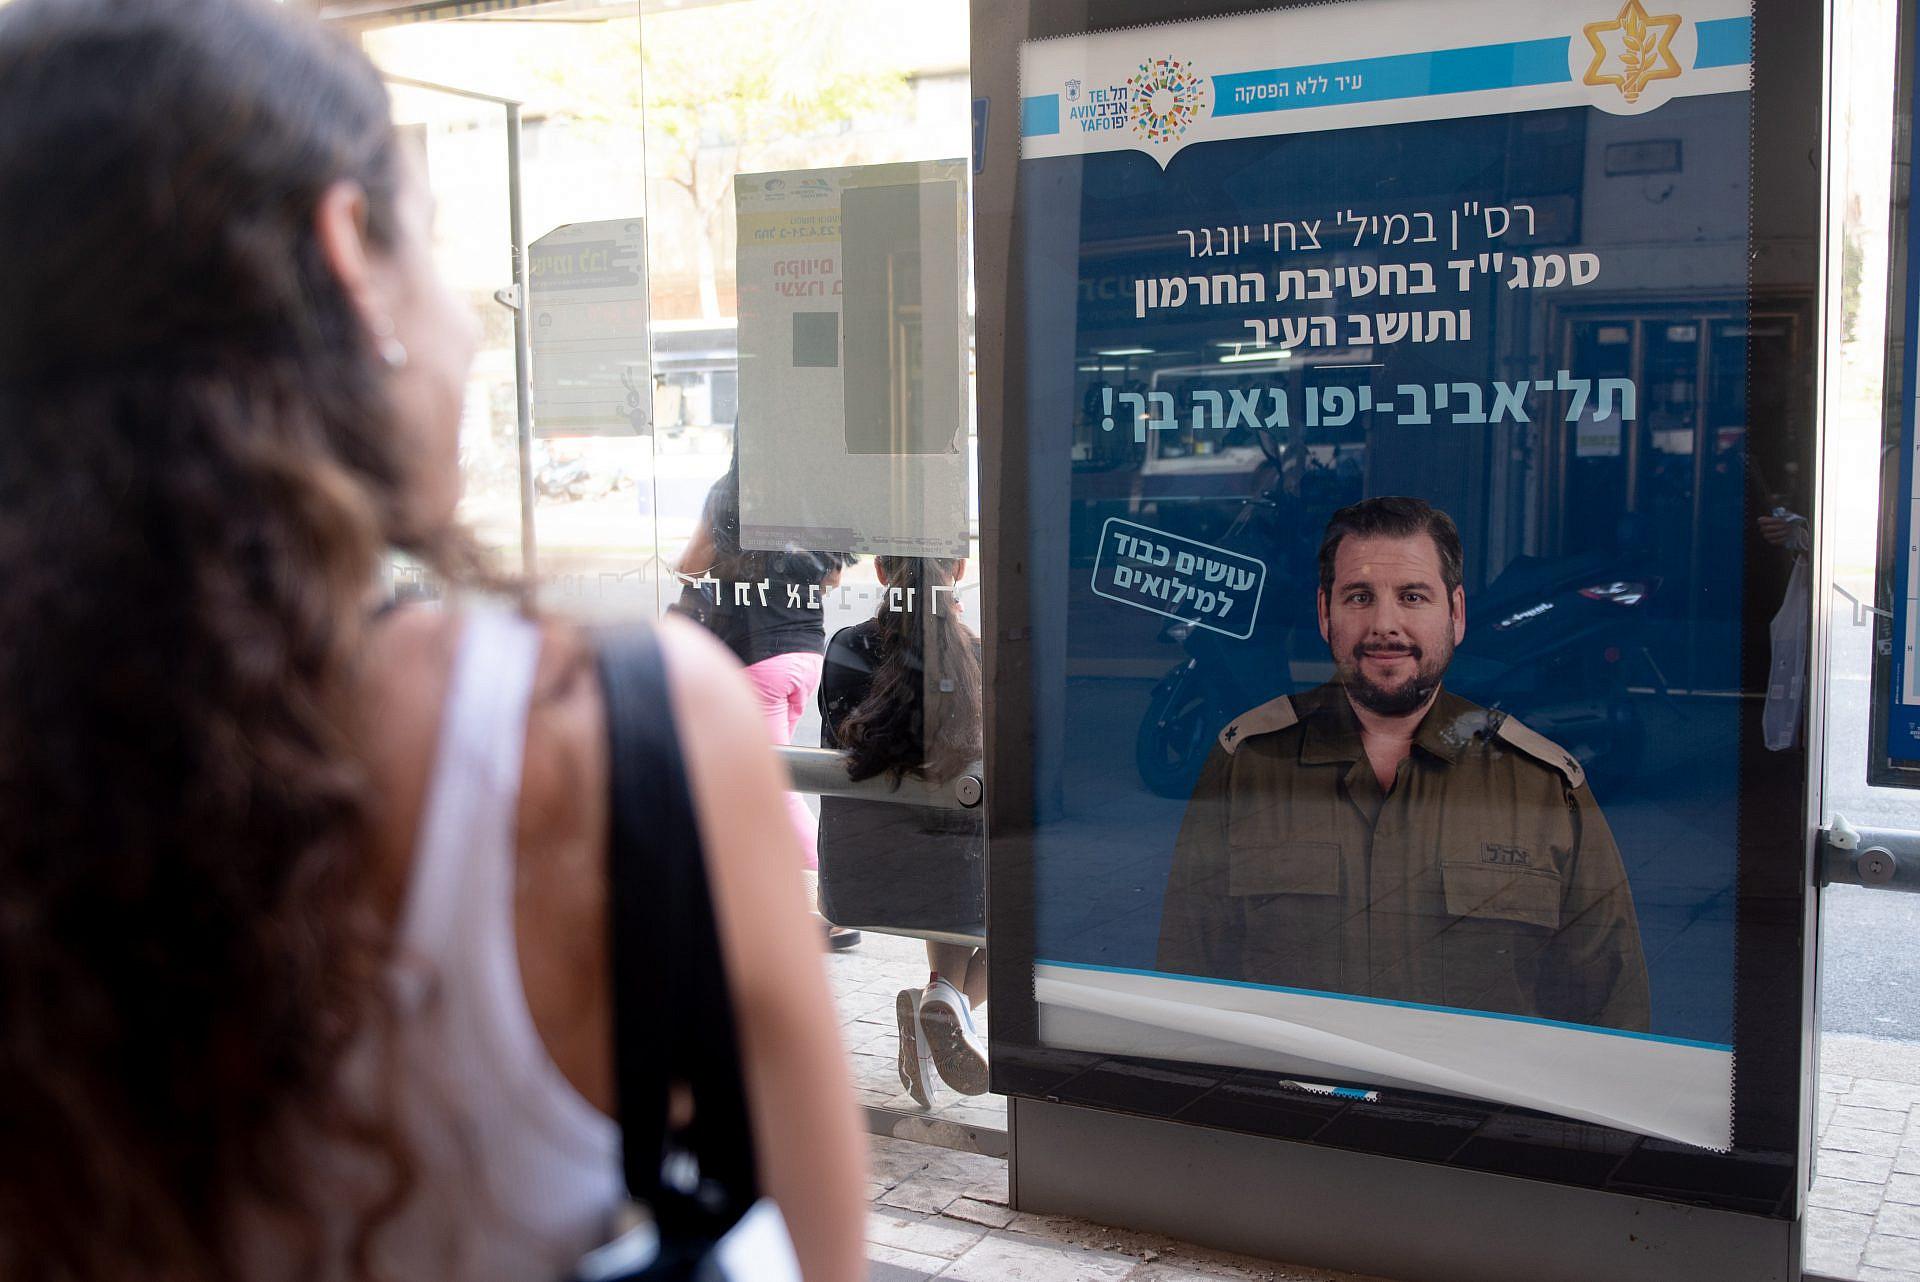 22 אחוז מילואימניקיות. קמפיין ההוקרה של העירייה למילואימניקים (צילום: דוברות עיריית תל אביב-יפו)